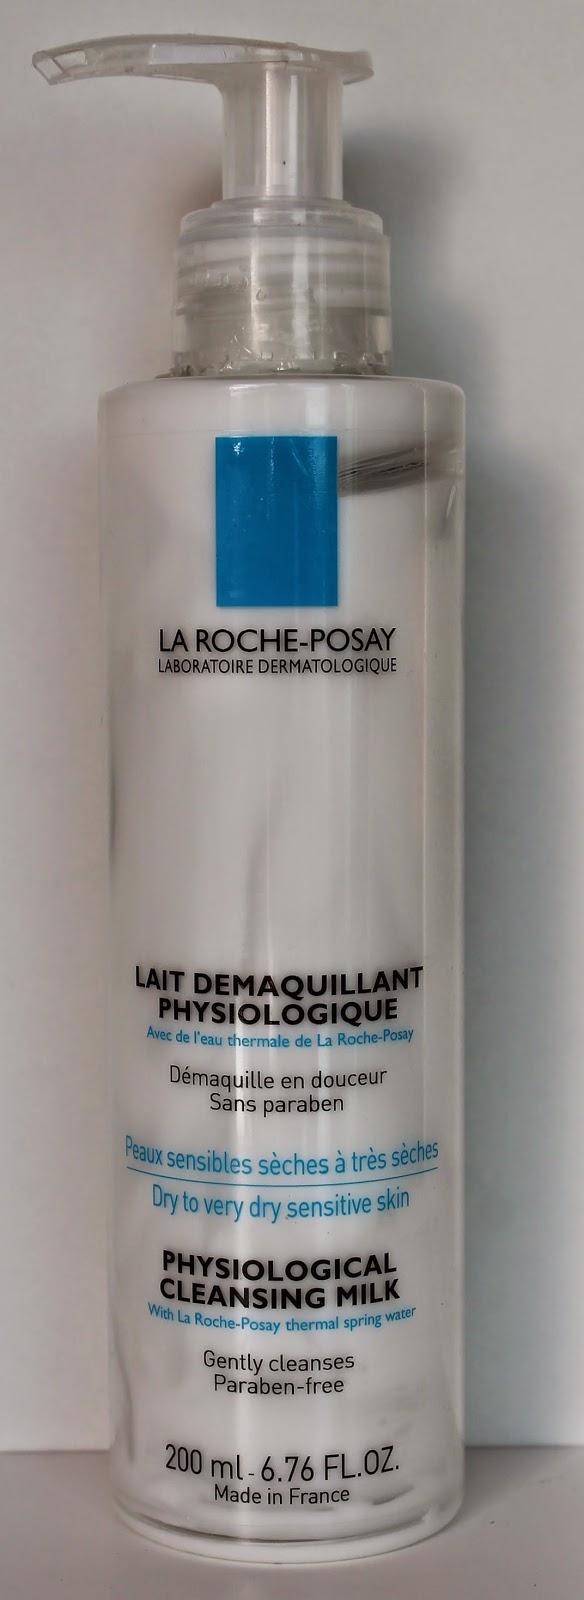 Lait démaquillant physiologique La Roche-Posay